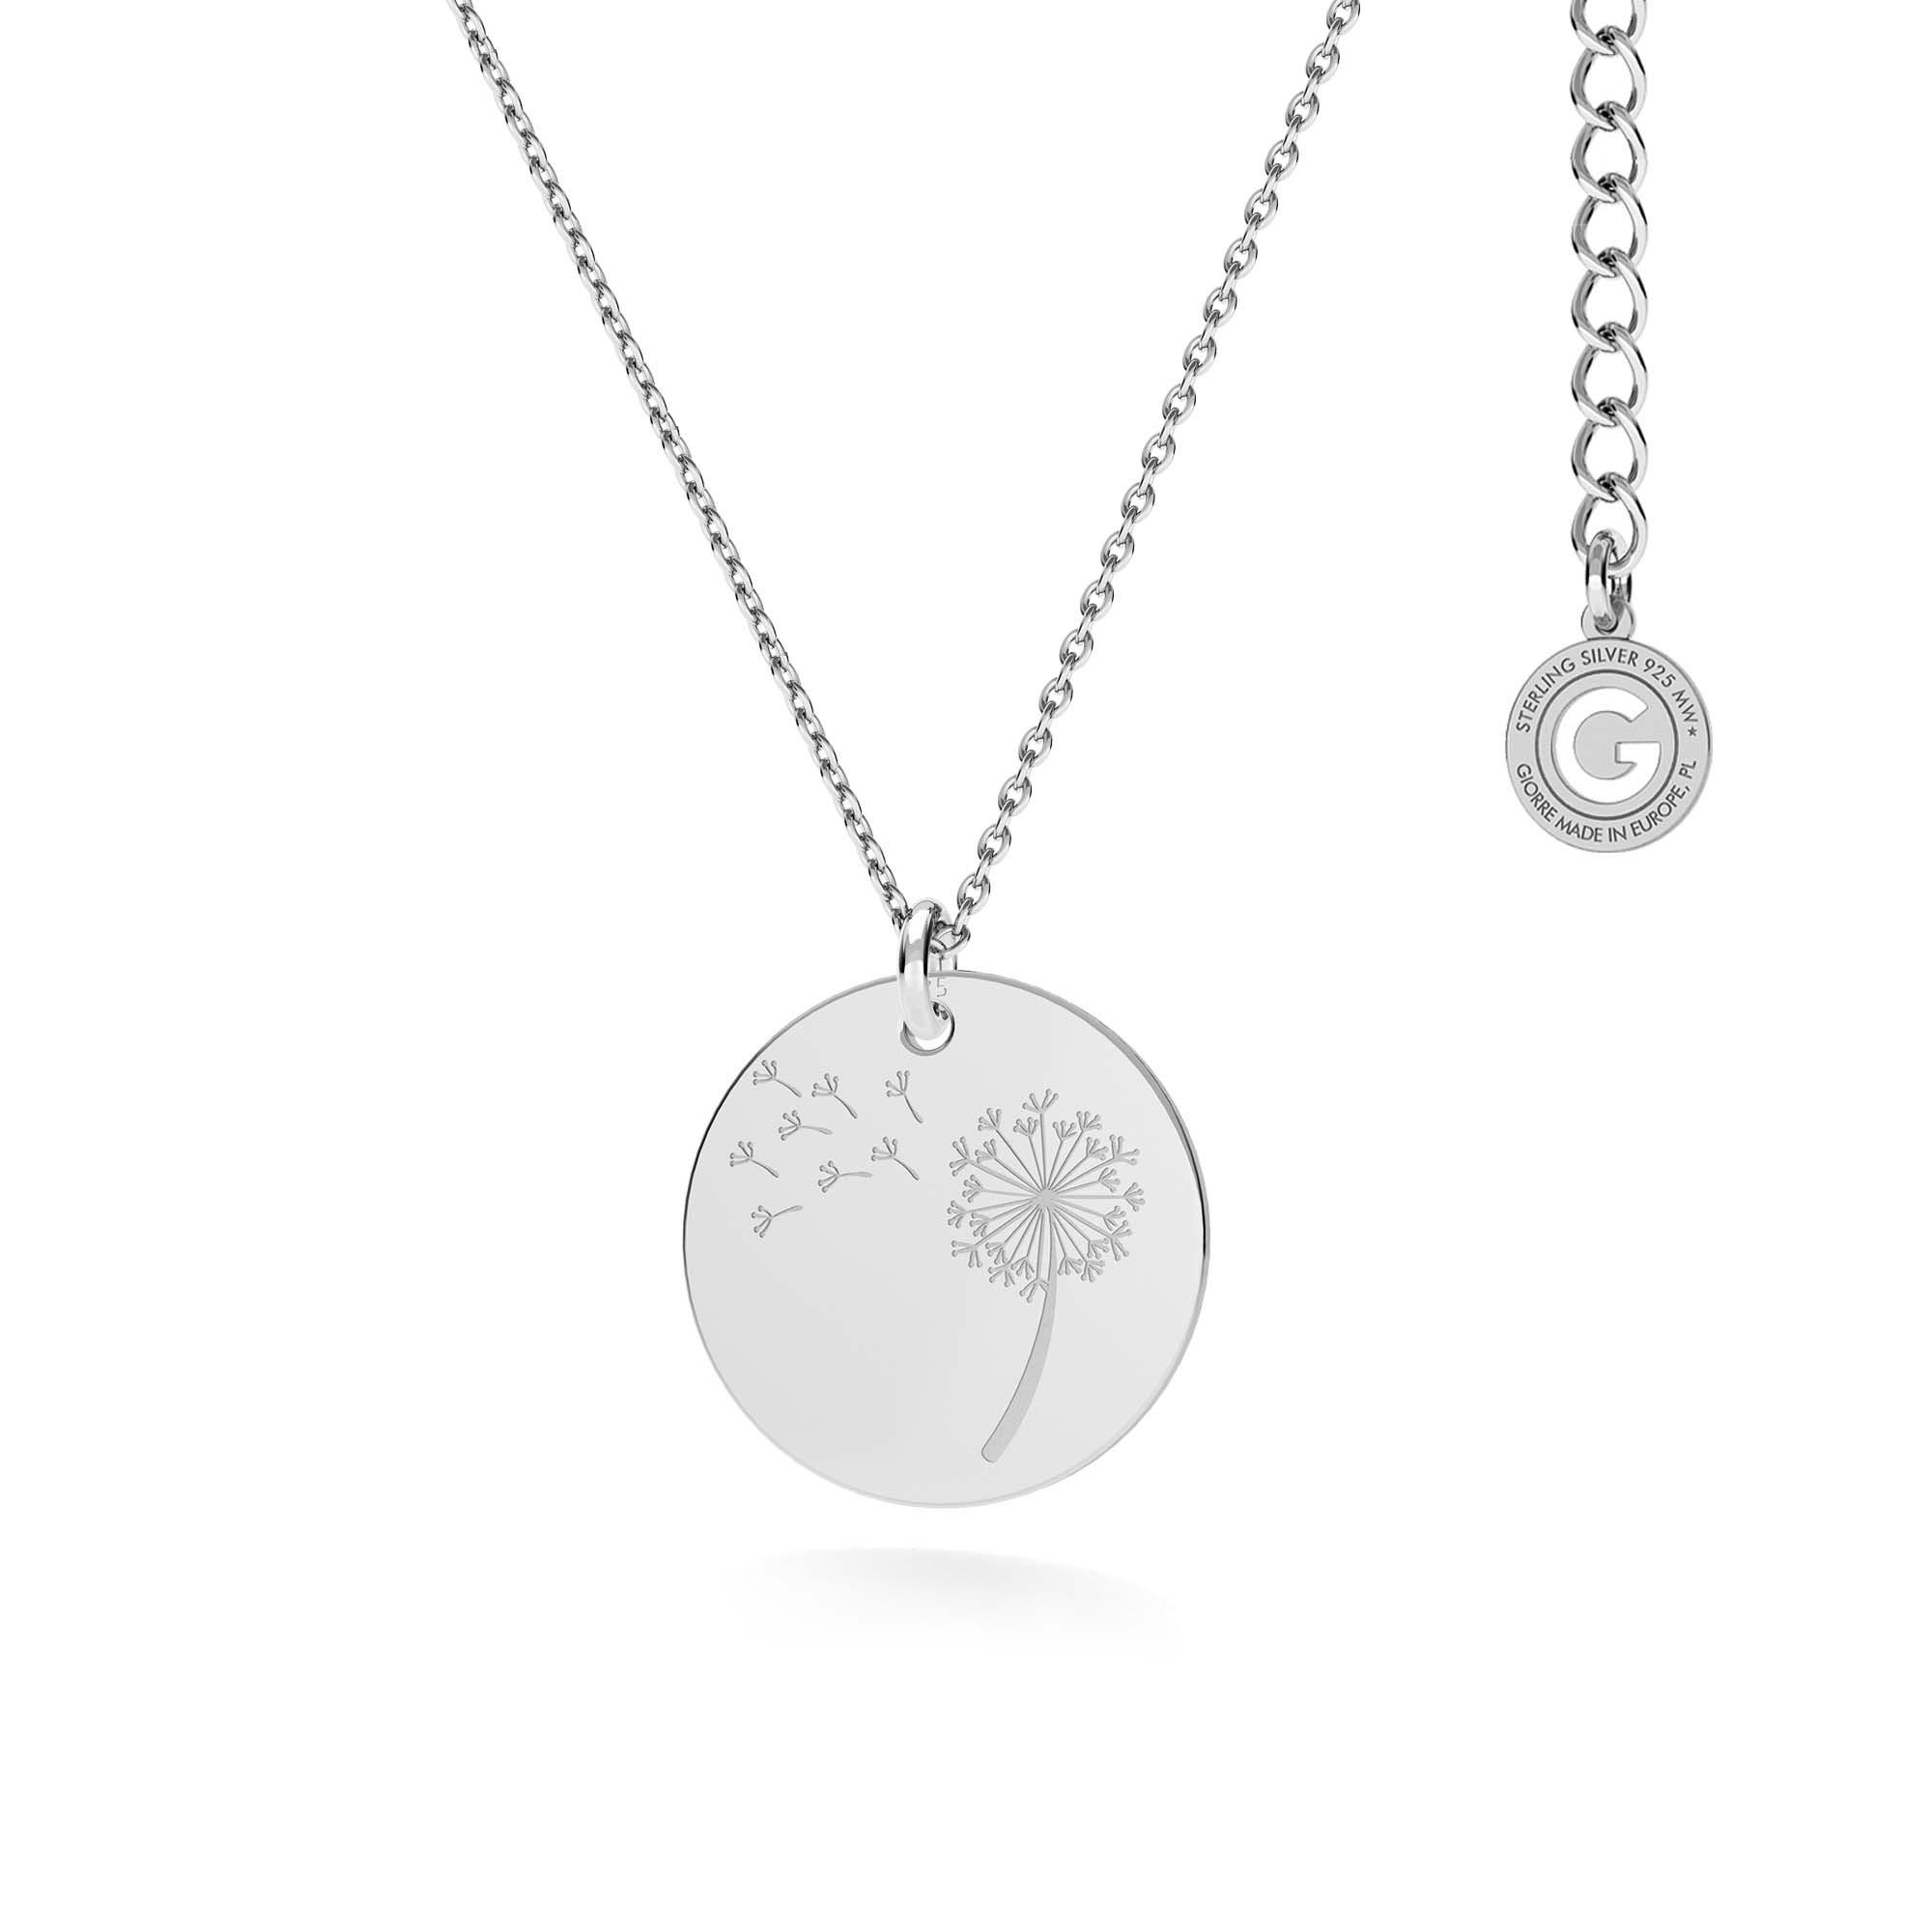 Collar para madre e niñao grabado, plata 925